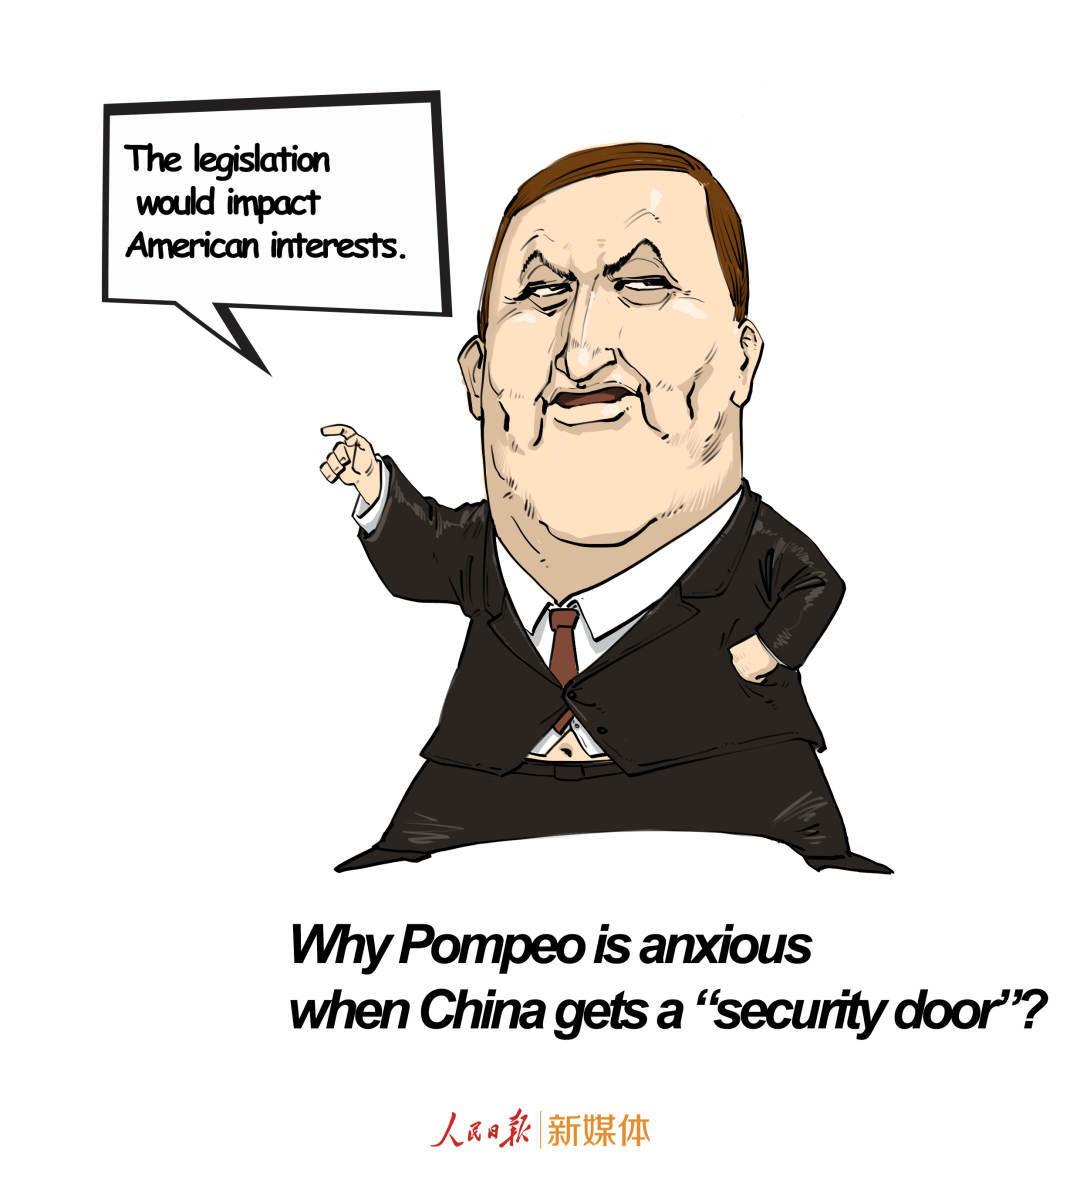 """人民锐评丨中国自己家装""""防盗门"""",蓬佩奥你紧张什么?"""